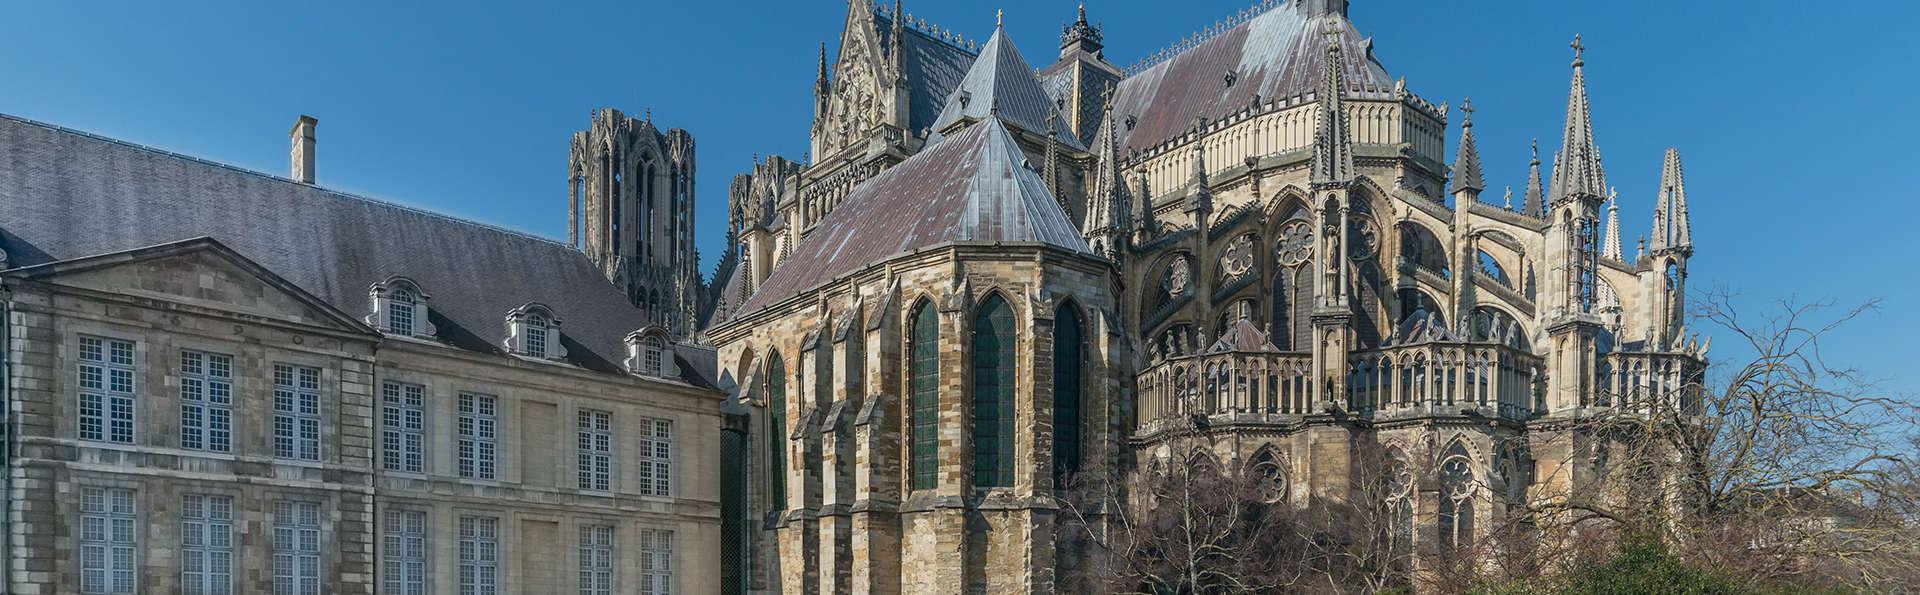 Week-end découverte à Reims avec entrée au Palais du Tau